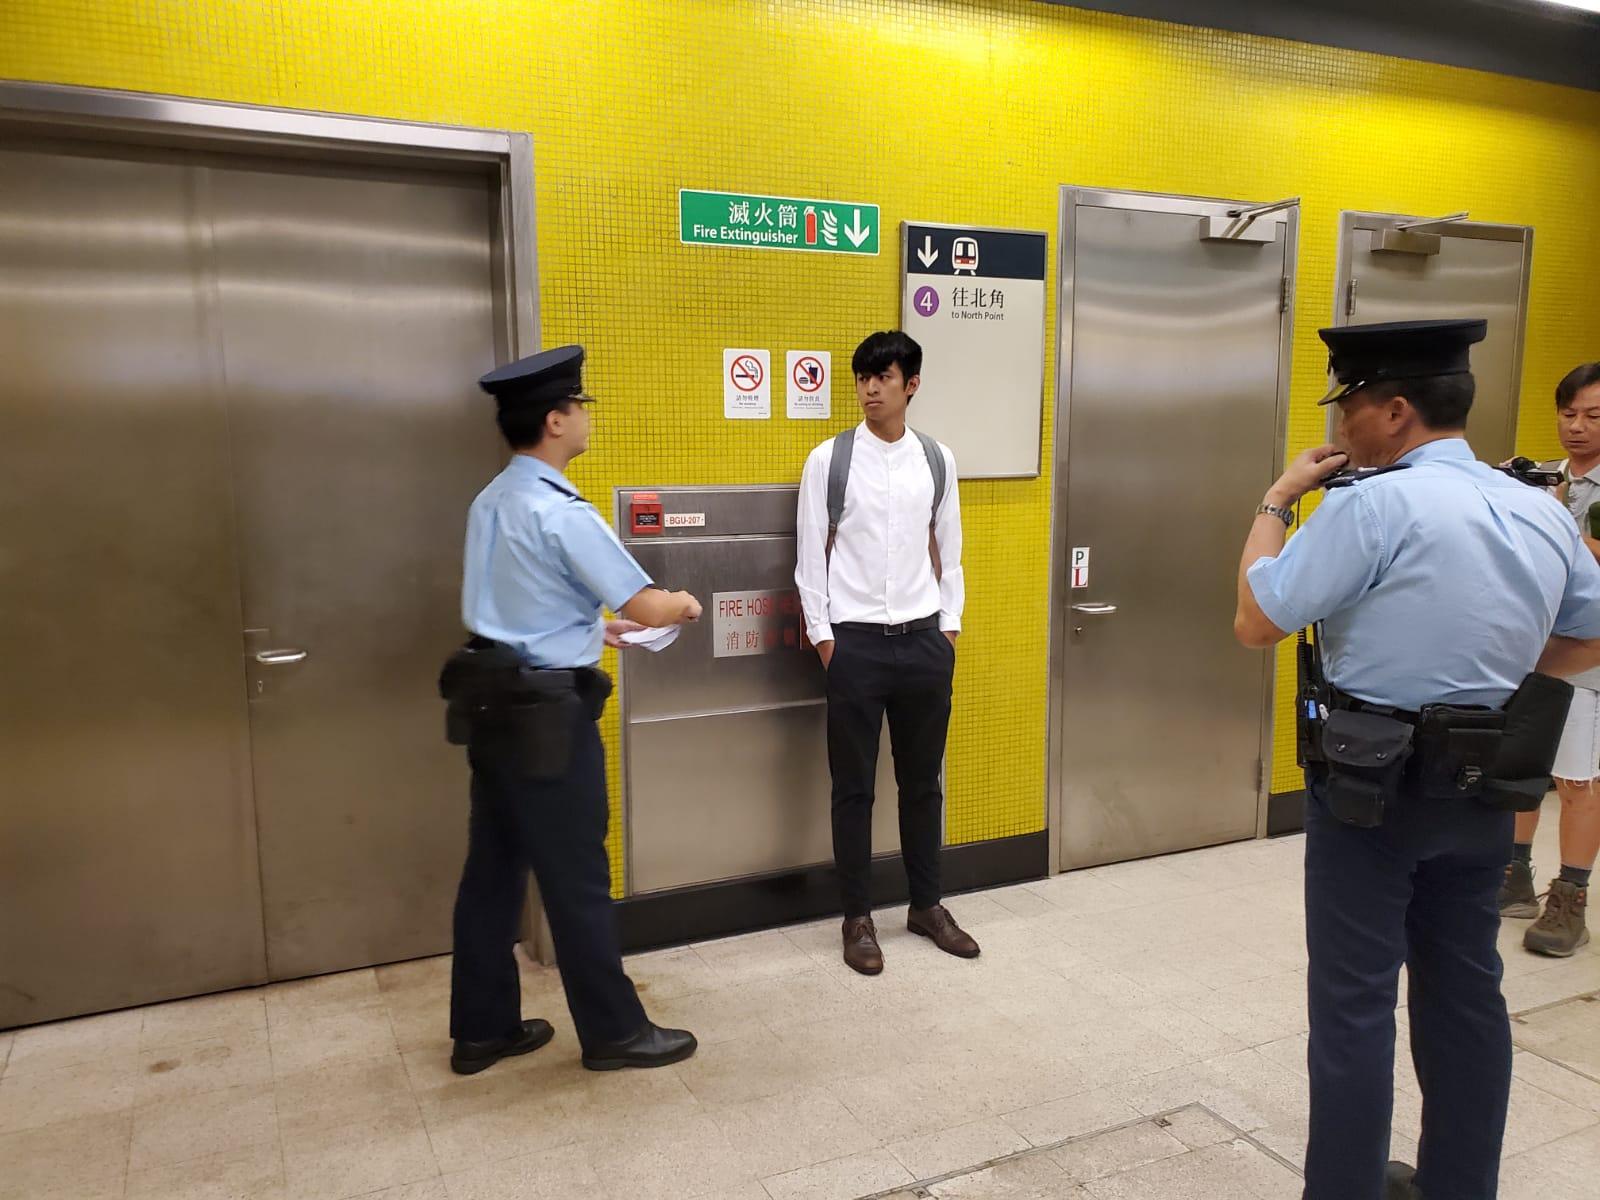 警員在站內戒備。